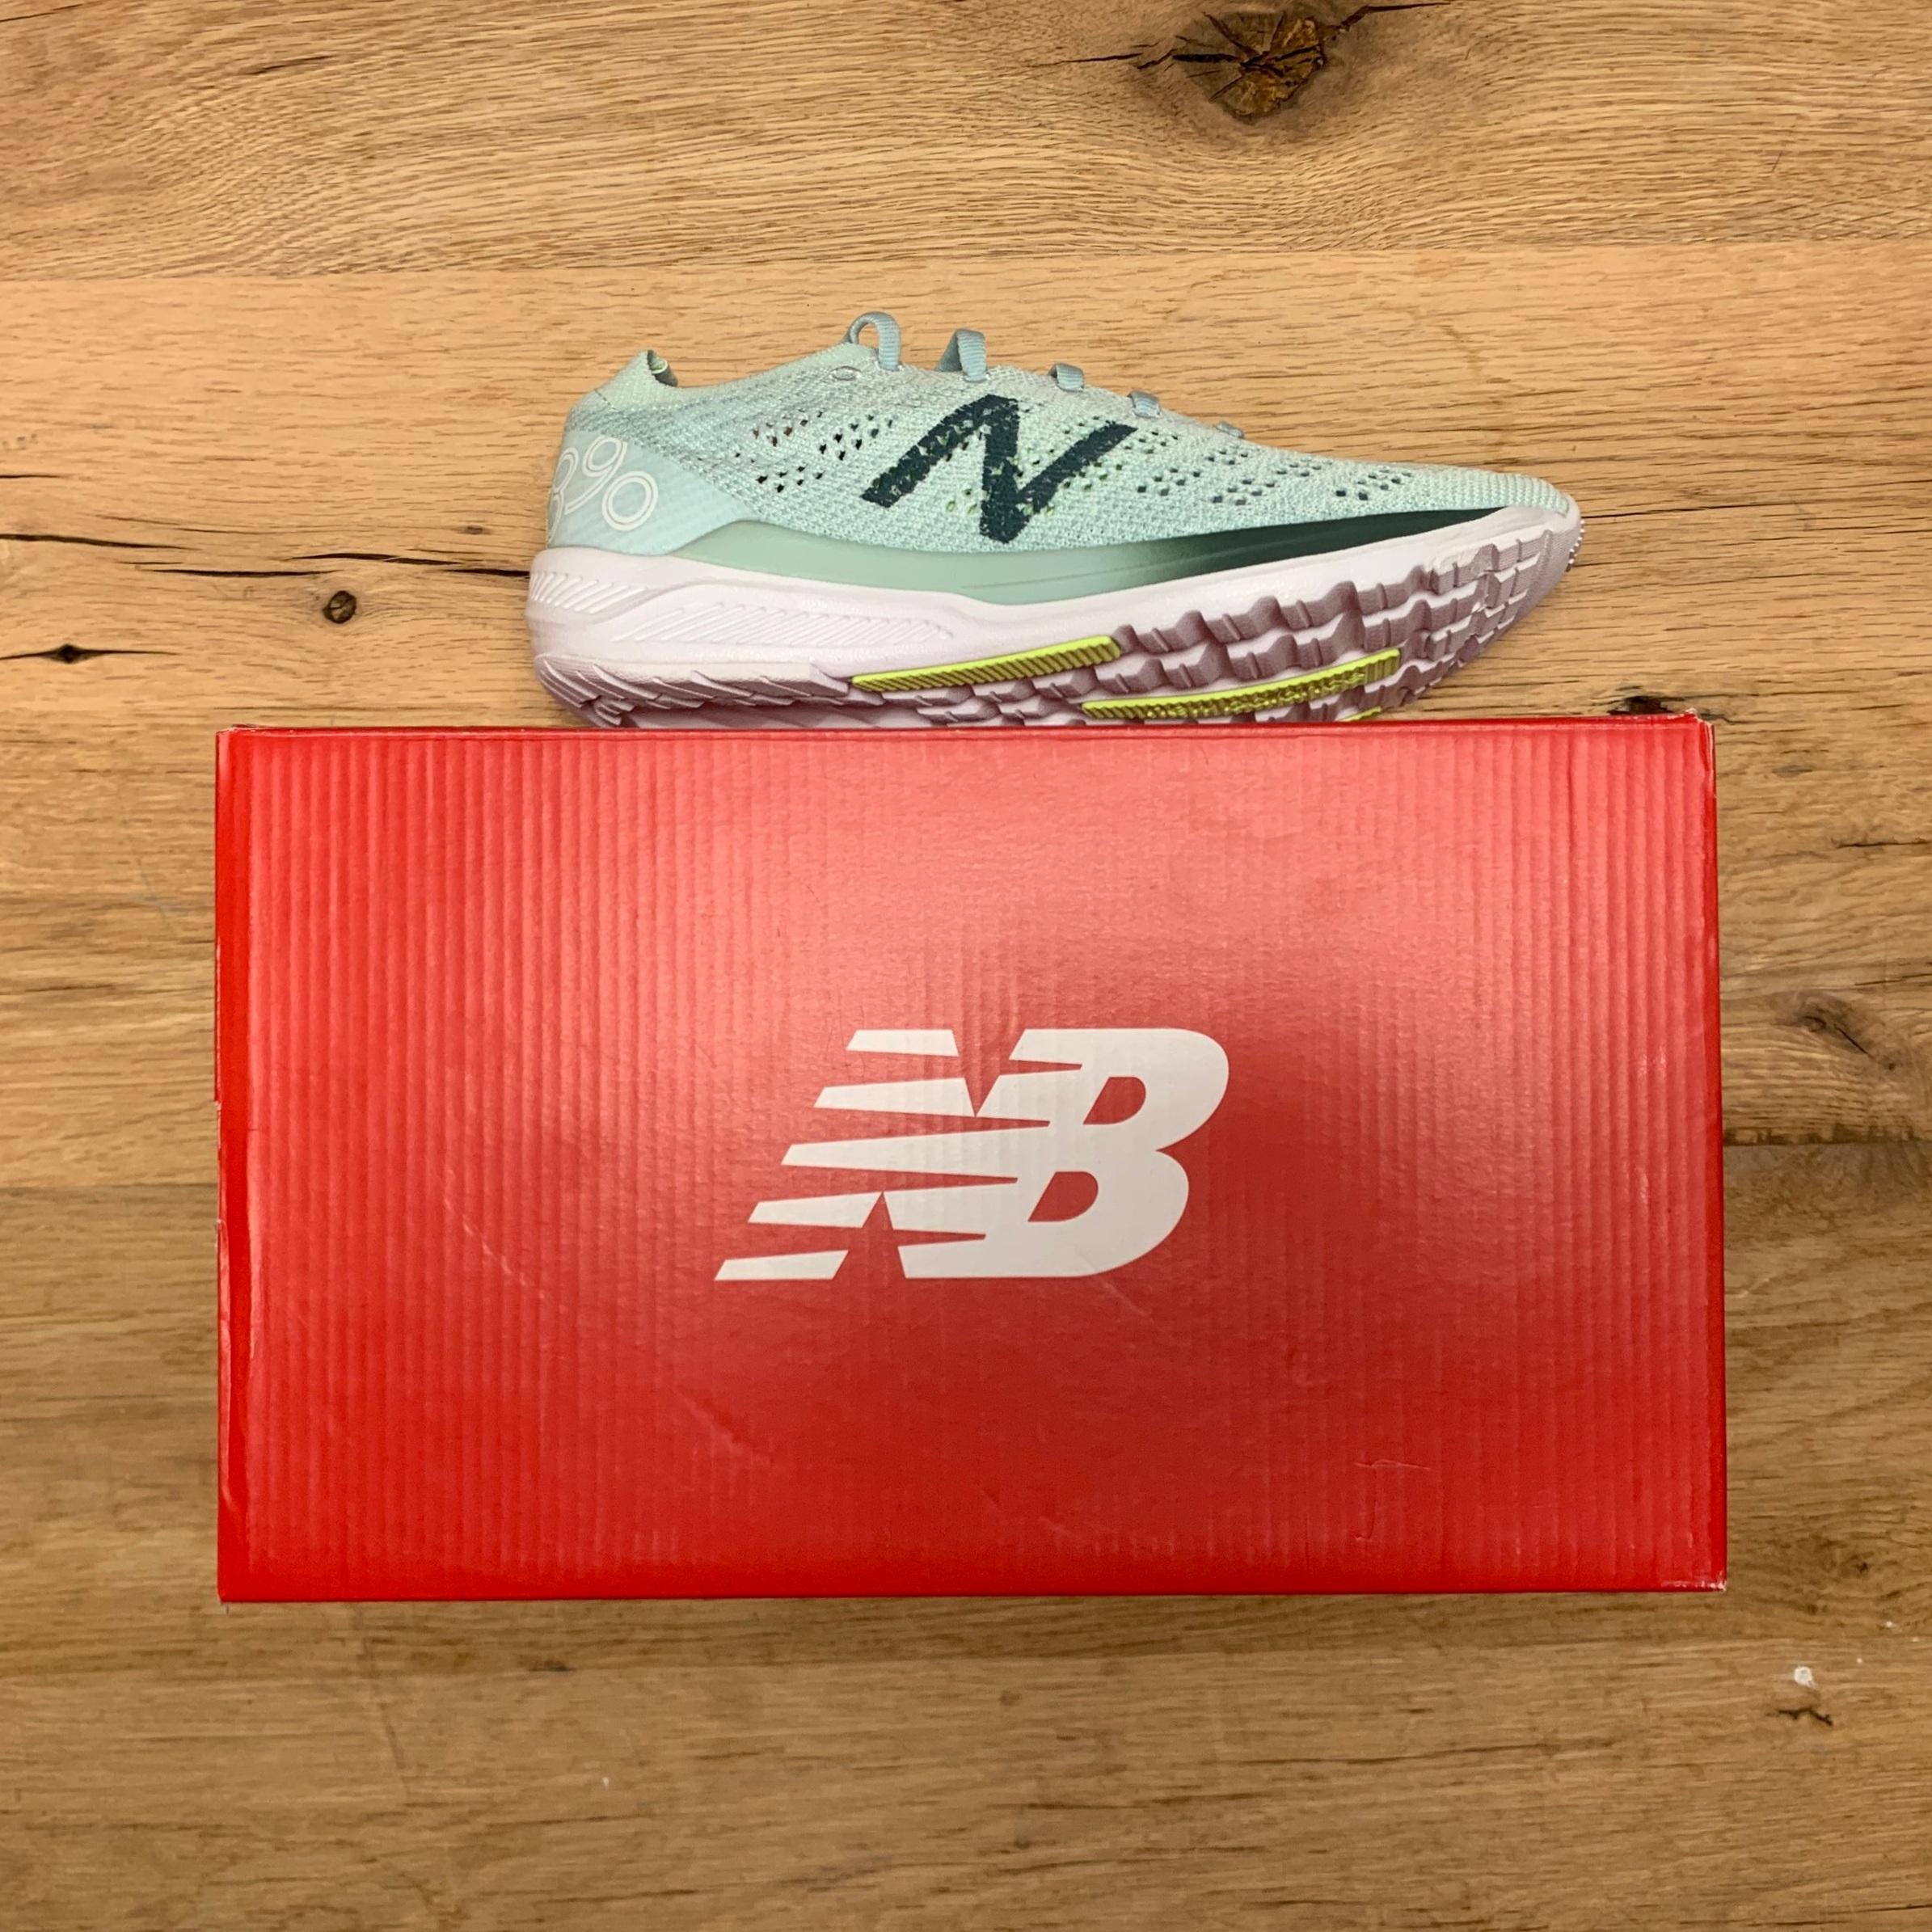 New Balance 890v7 - Women's